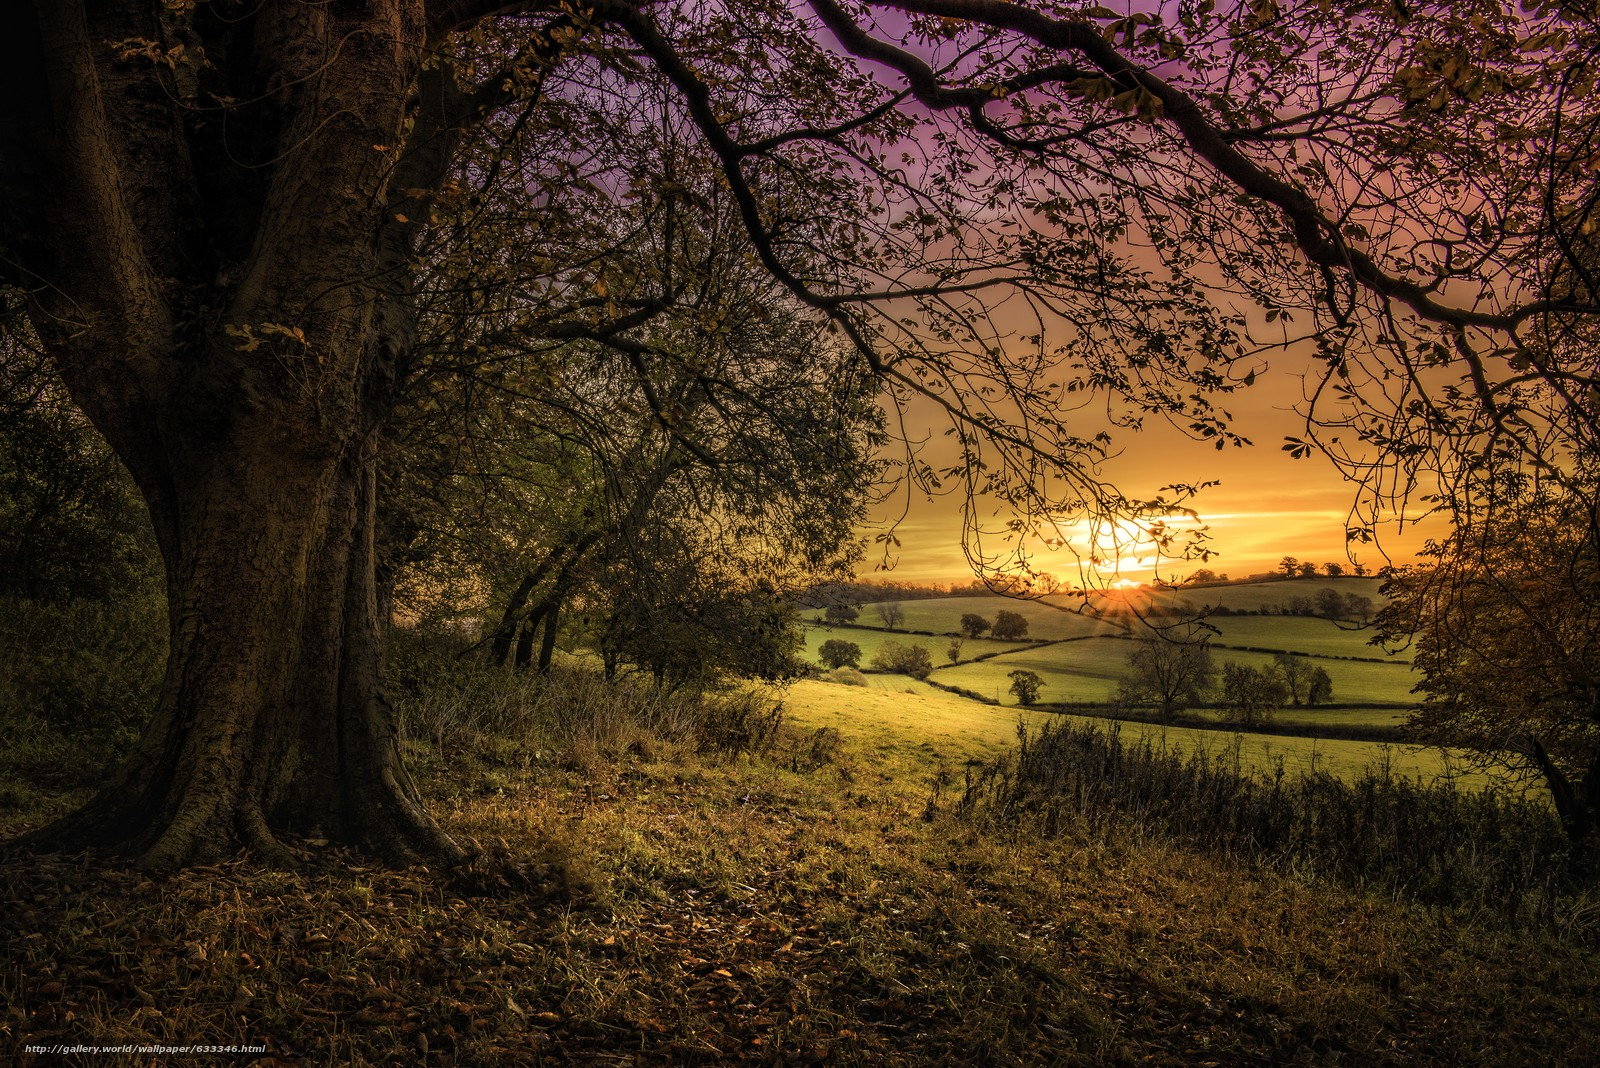 下载壁纸 美丽的夕阳,  场,  树,  景观 免费为您的桌面分辨率的壁纸 7360x4912 — 图片 №633346